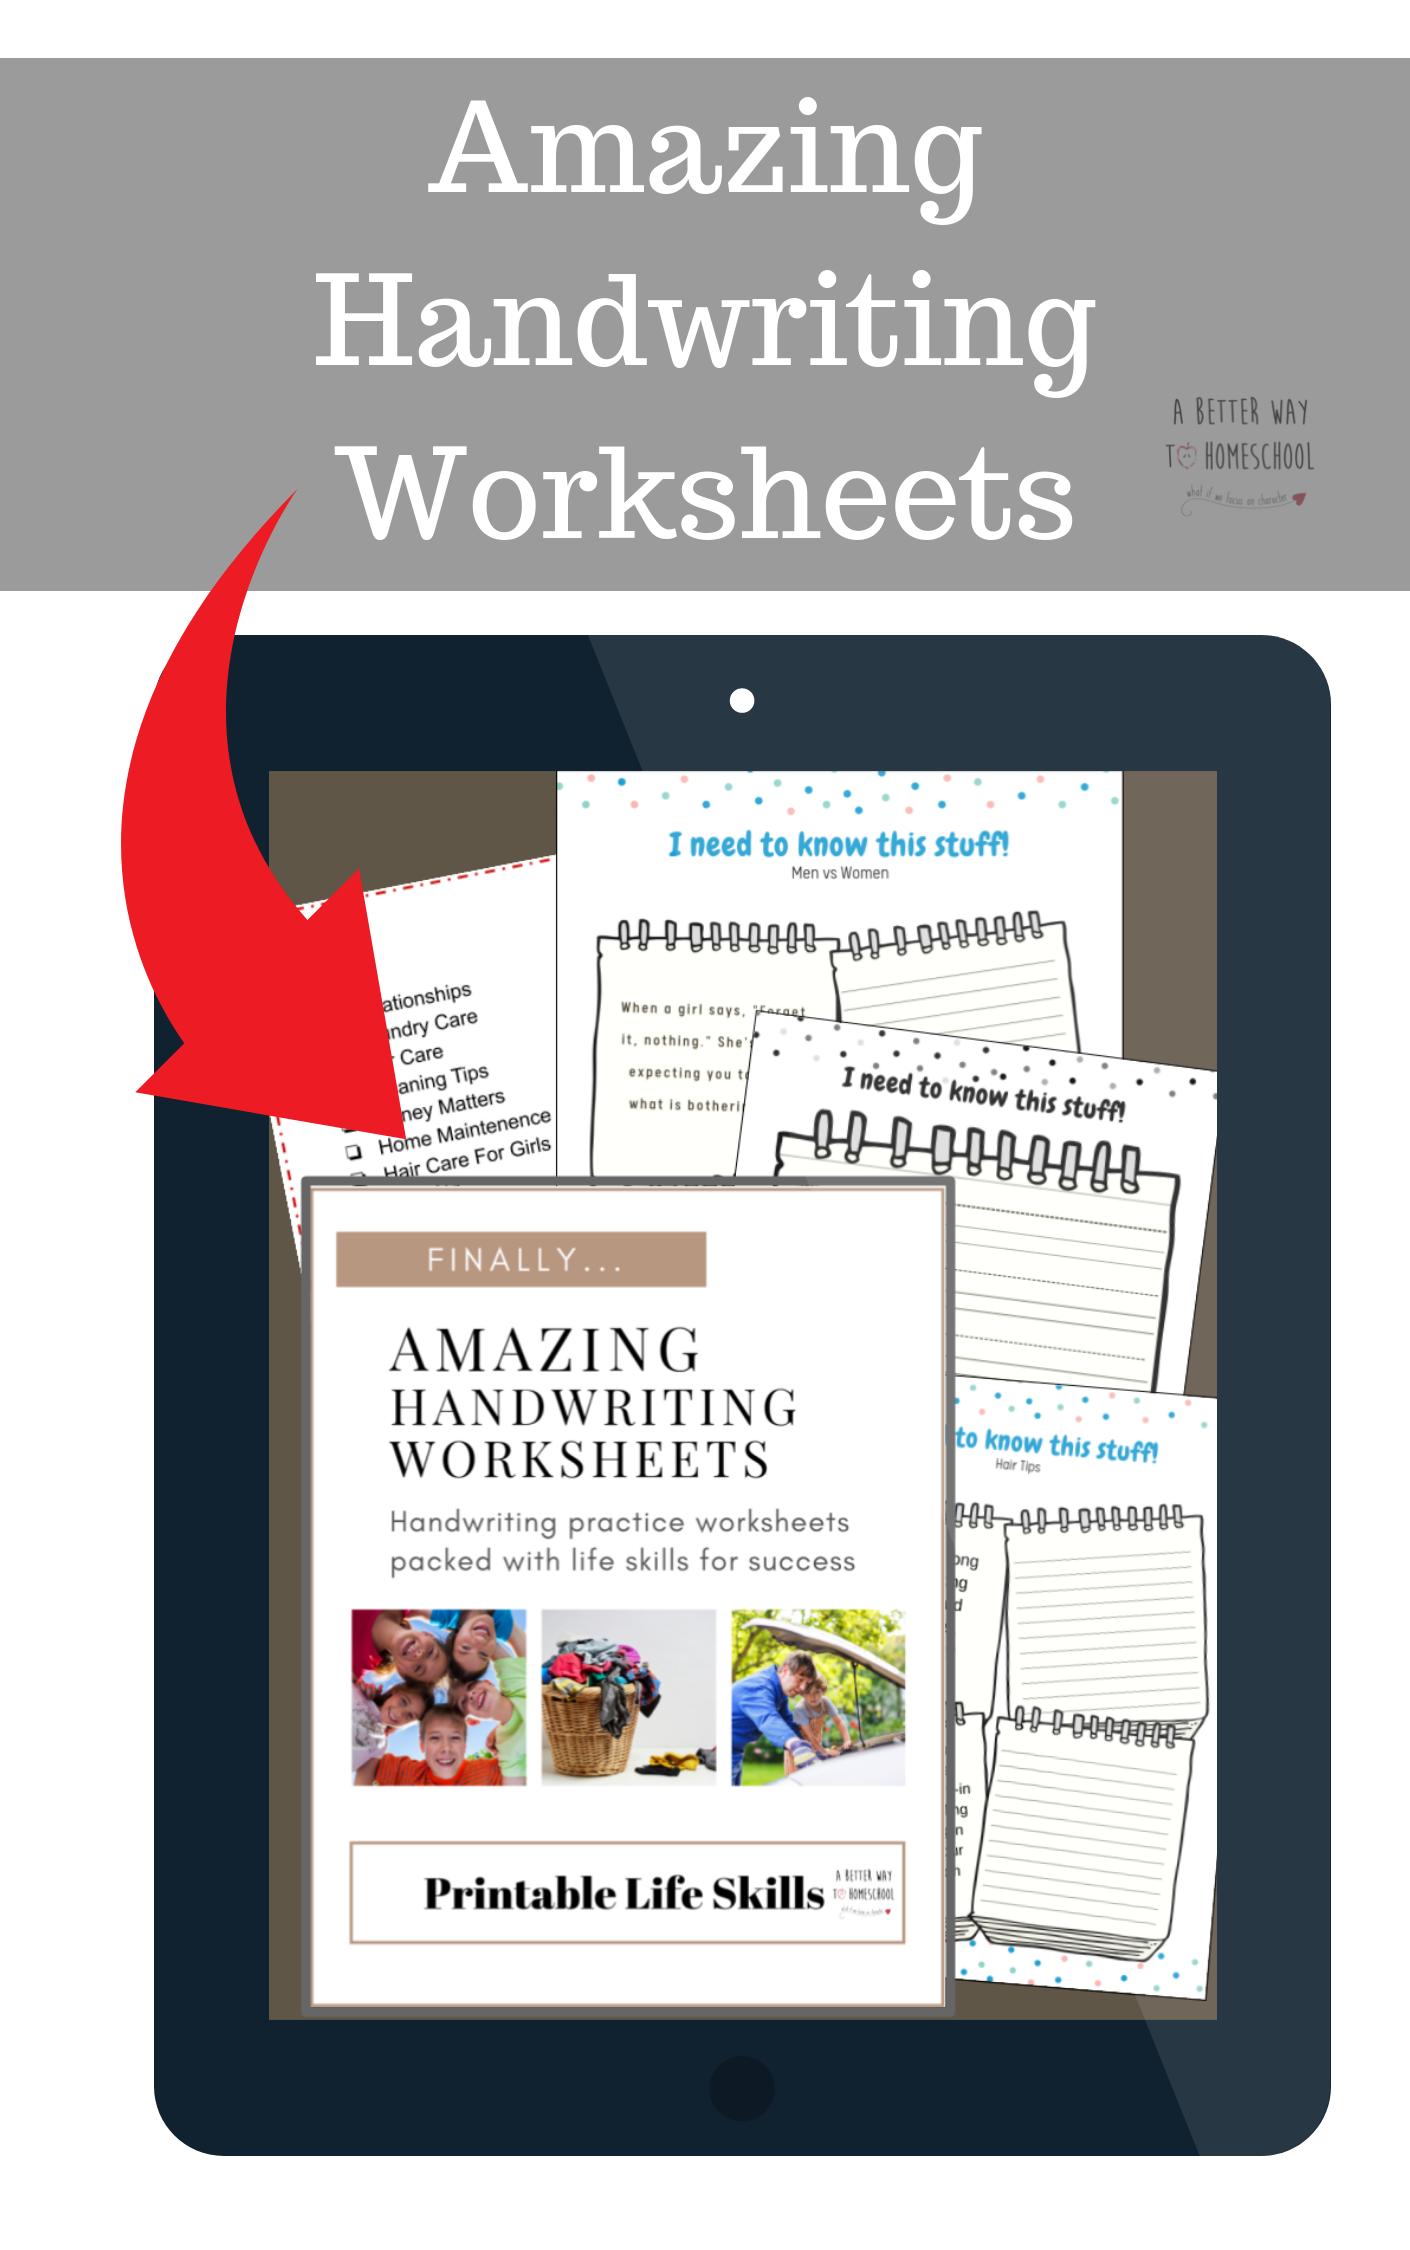 These Amazing Handwriting Worksheets Use Life Skills